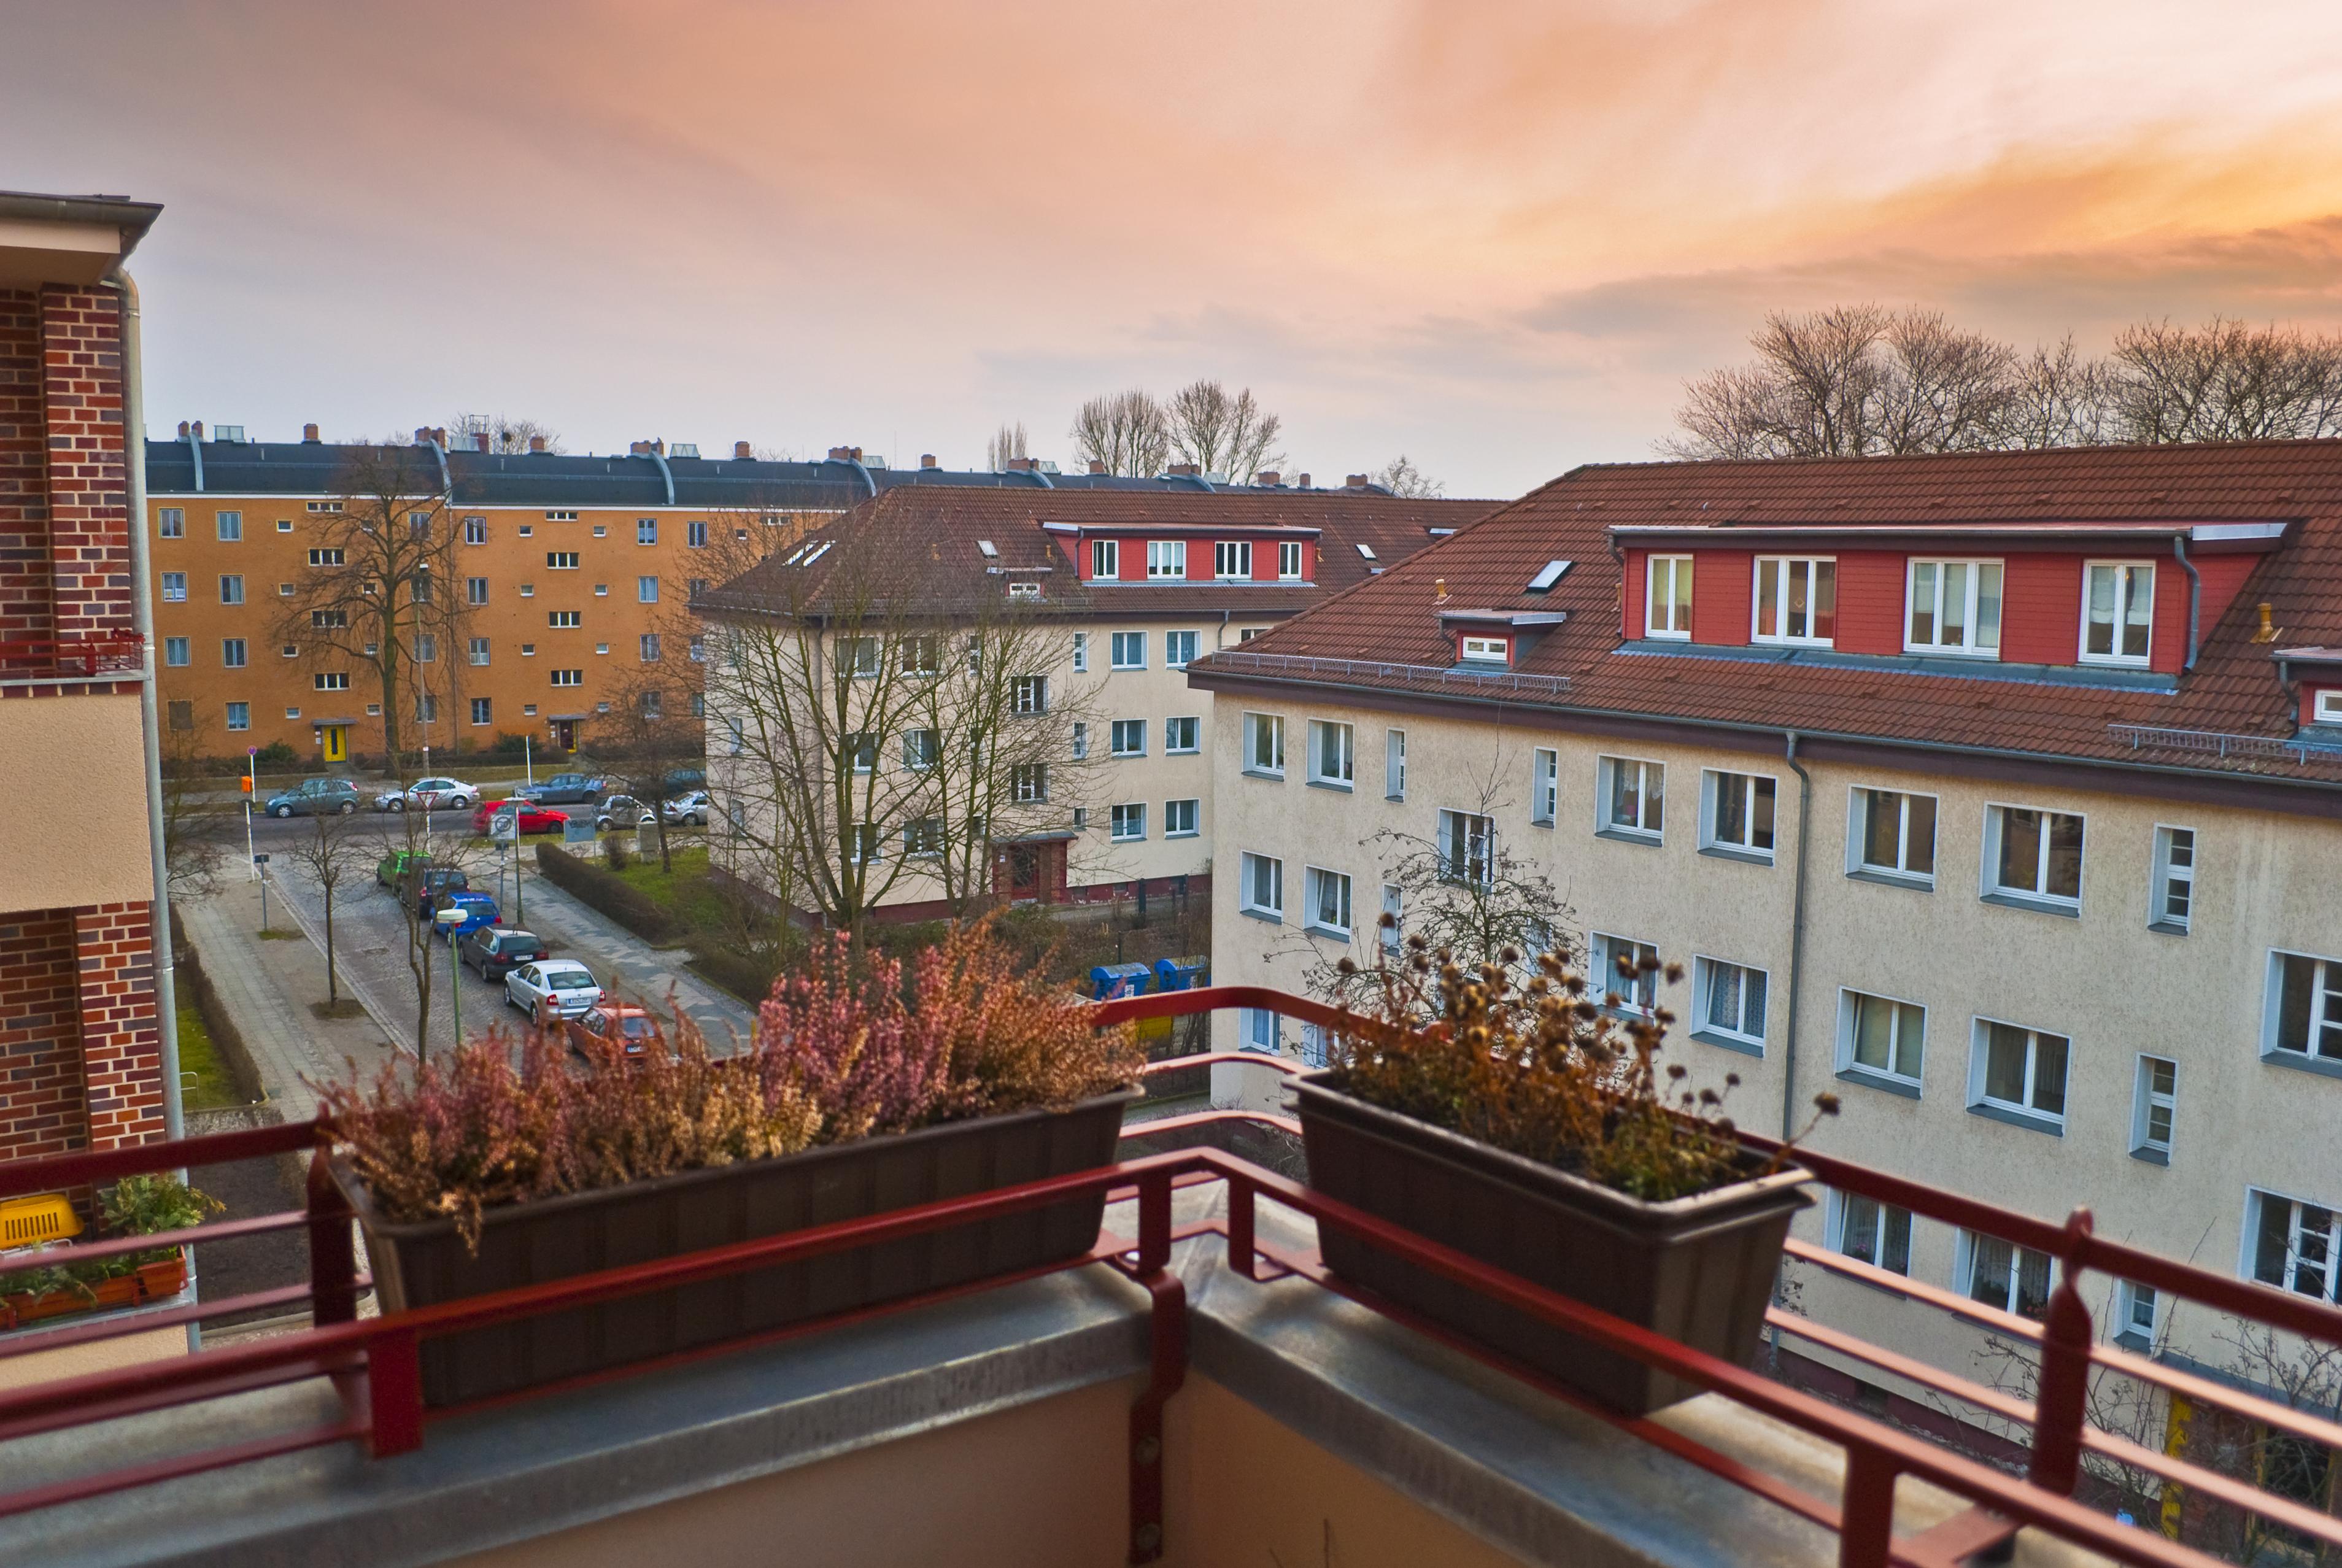 Stadt Prüm erhält 200.000 €  aus dem Förderprogramm Städtebauliche Erneuerung 2017